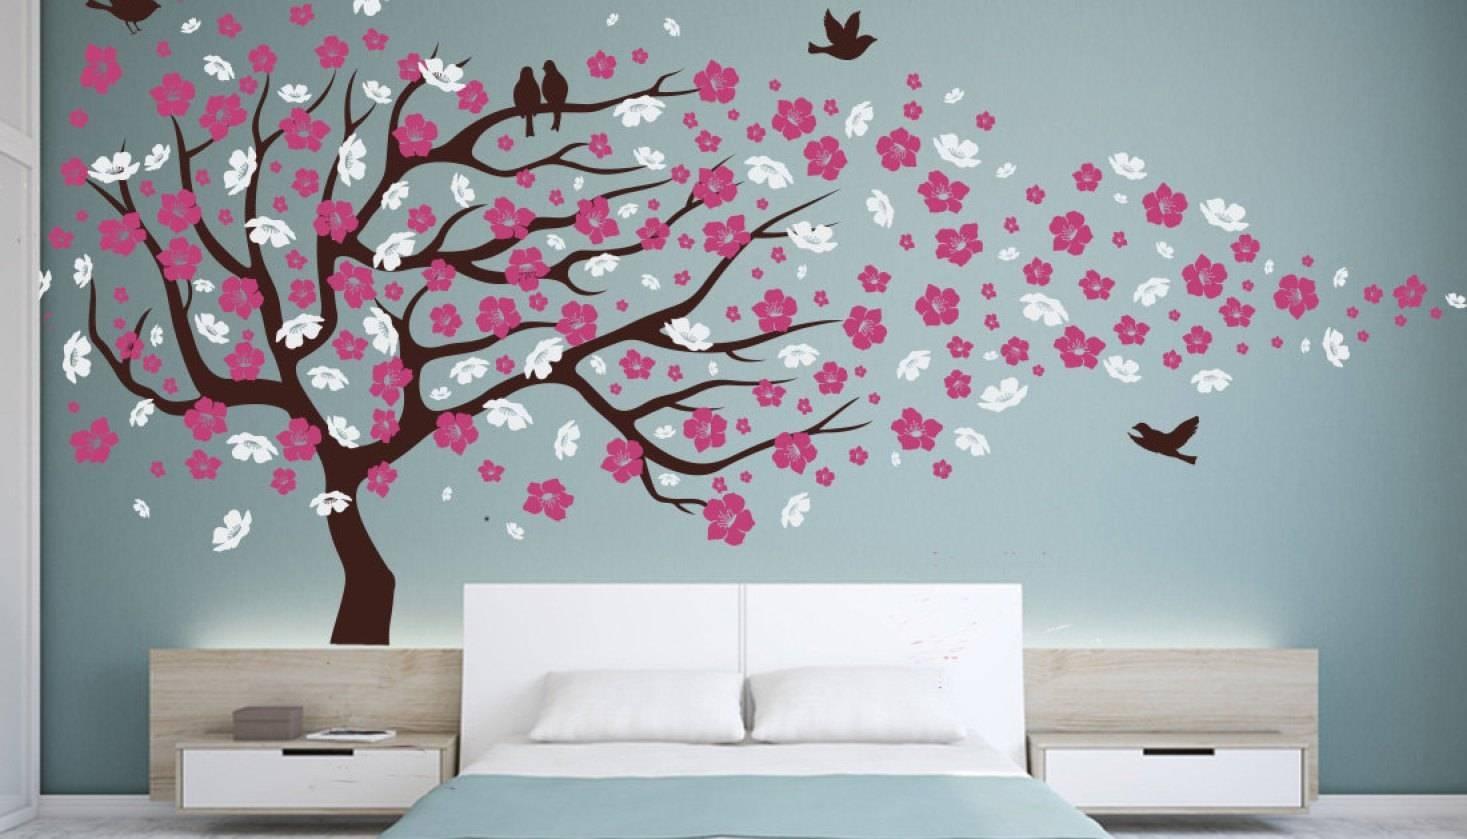 Mural : Beautiful Wallpaper Mural Art Chic Chinoiserie Hand Pertaining To 2017 Chinoiserie Wall Art (View 22 of 30)